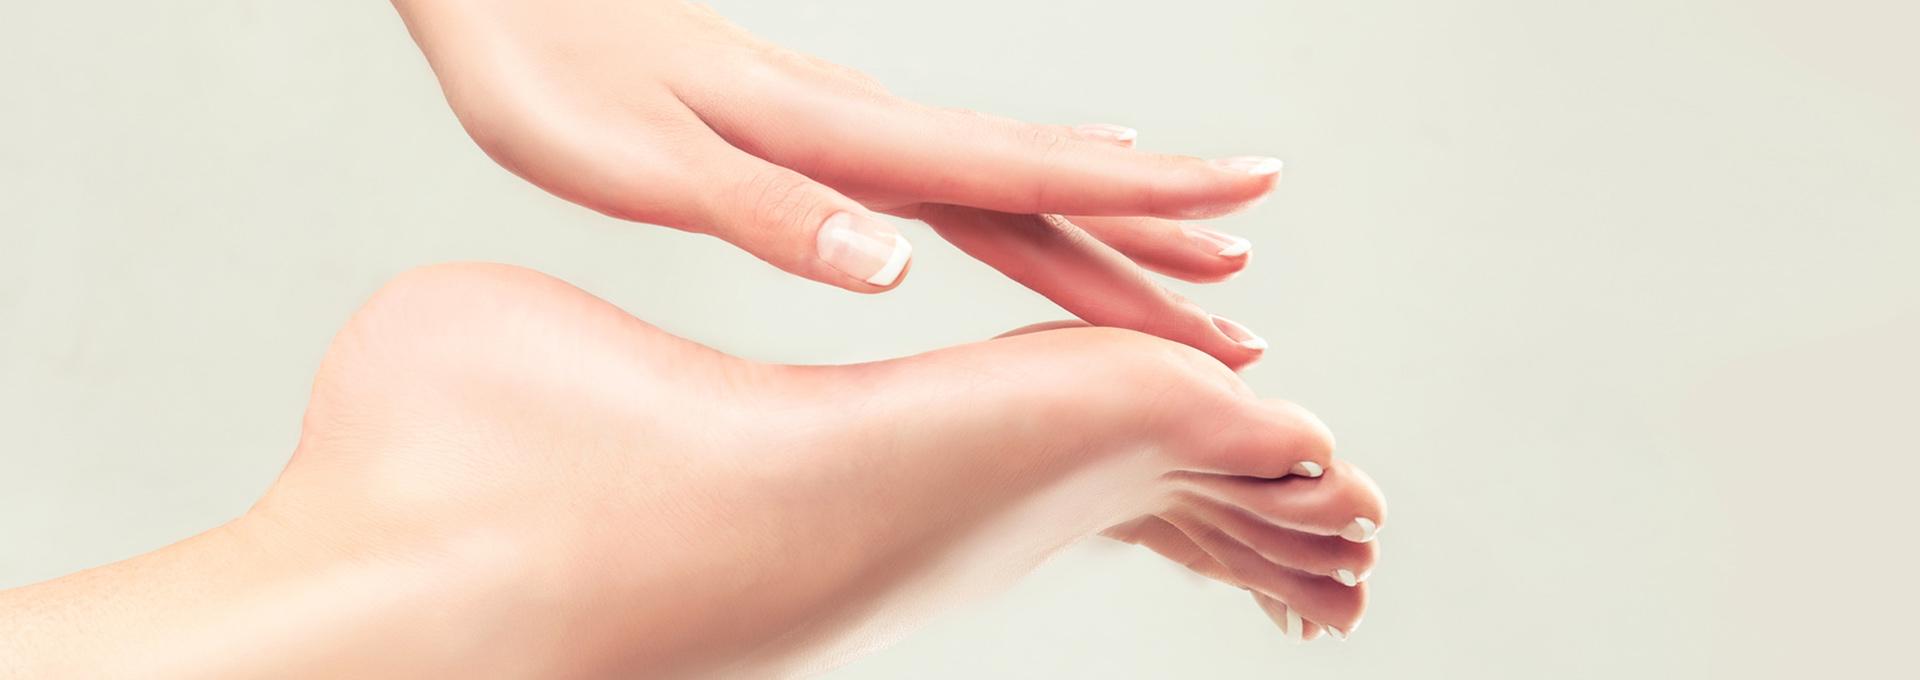 Kosmetik-Stolberg-Hameln-Gutschein-Hand-Fuss